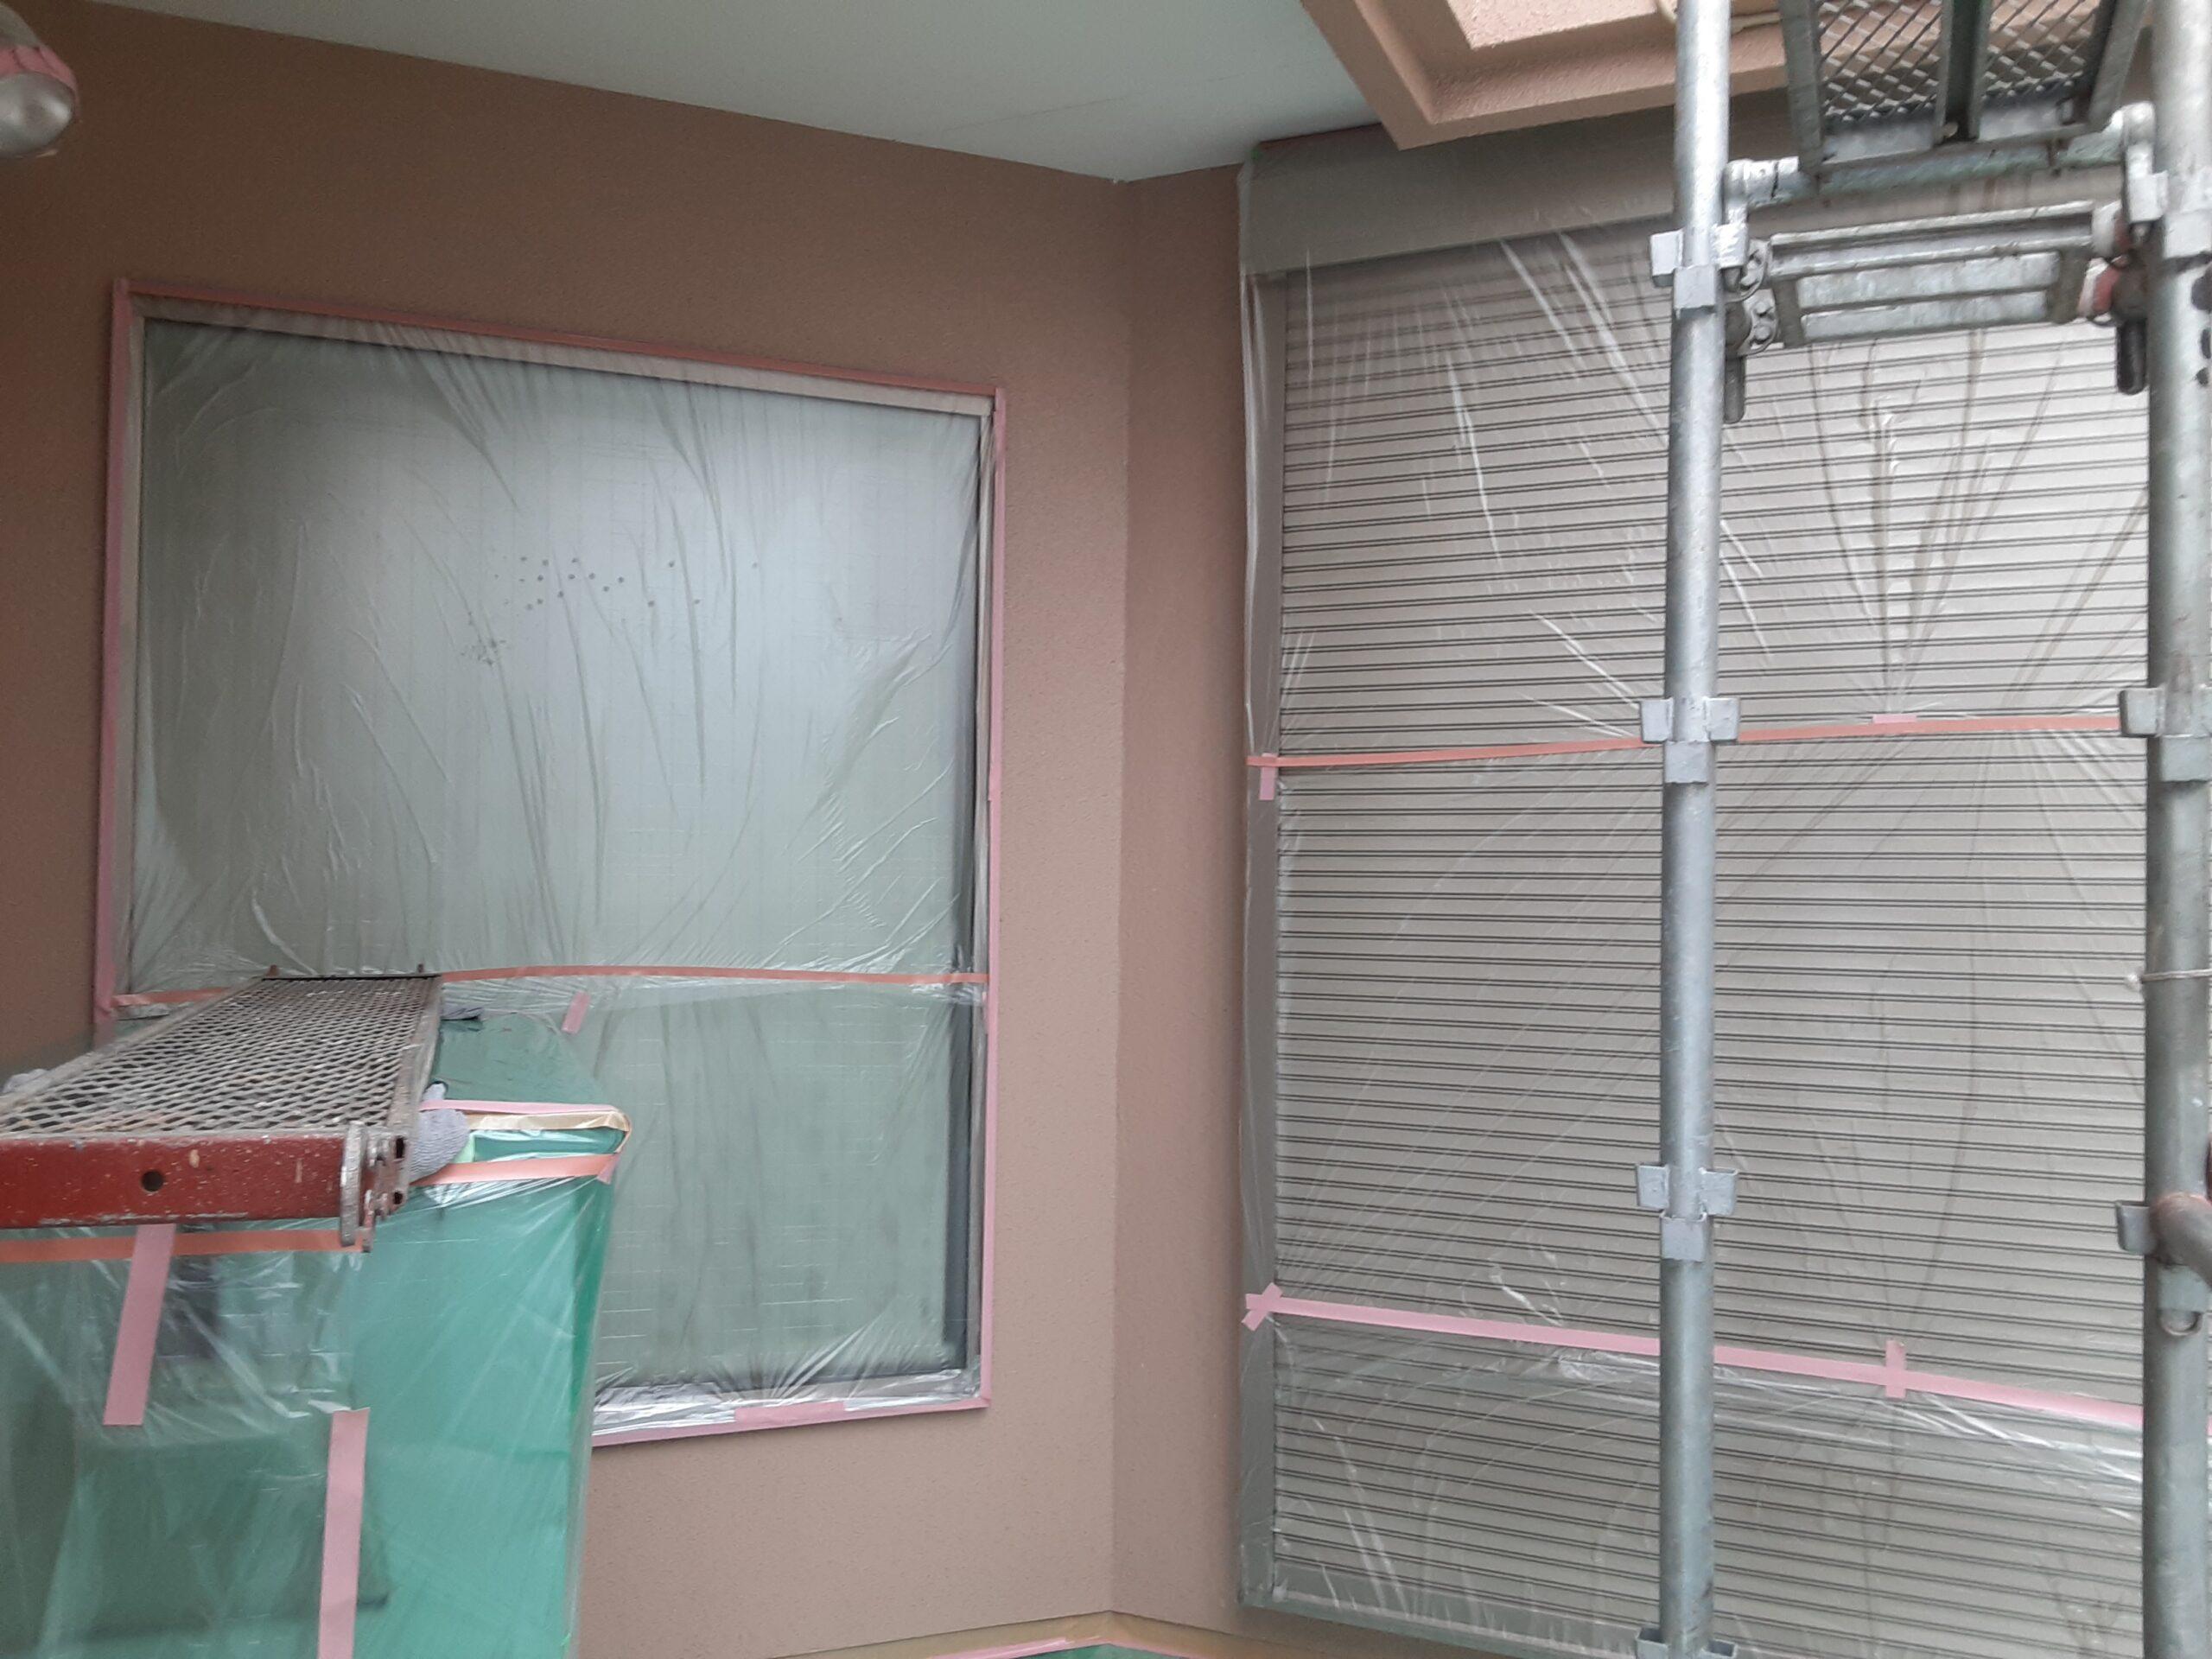 屋根、外壁の塗装/さいたま市大宮区の(木造2階建て)W様邸にて塗り替えリホーム中